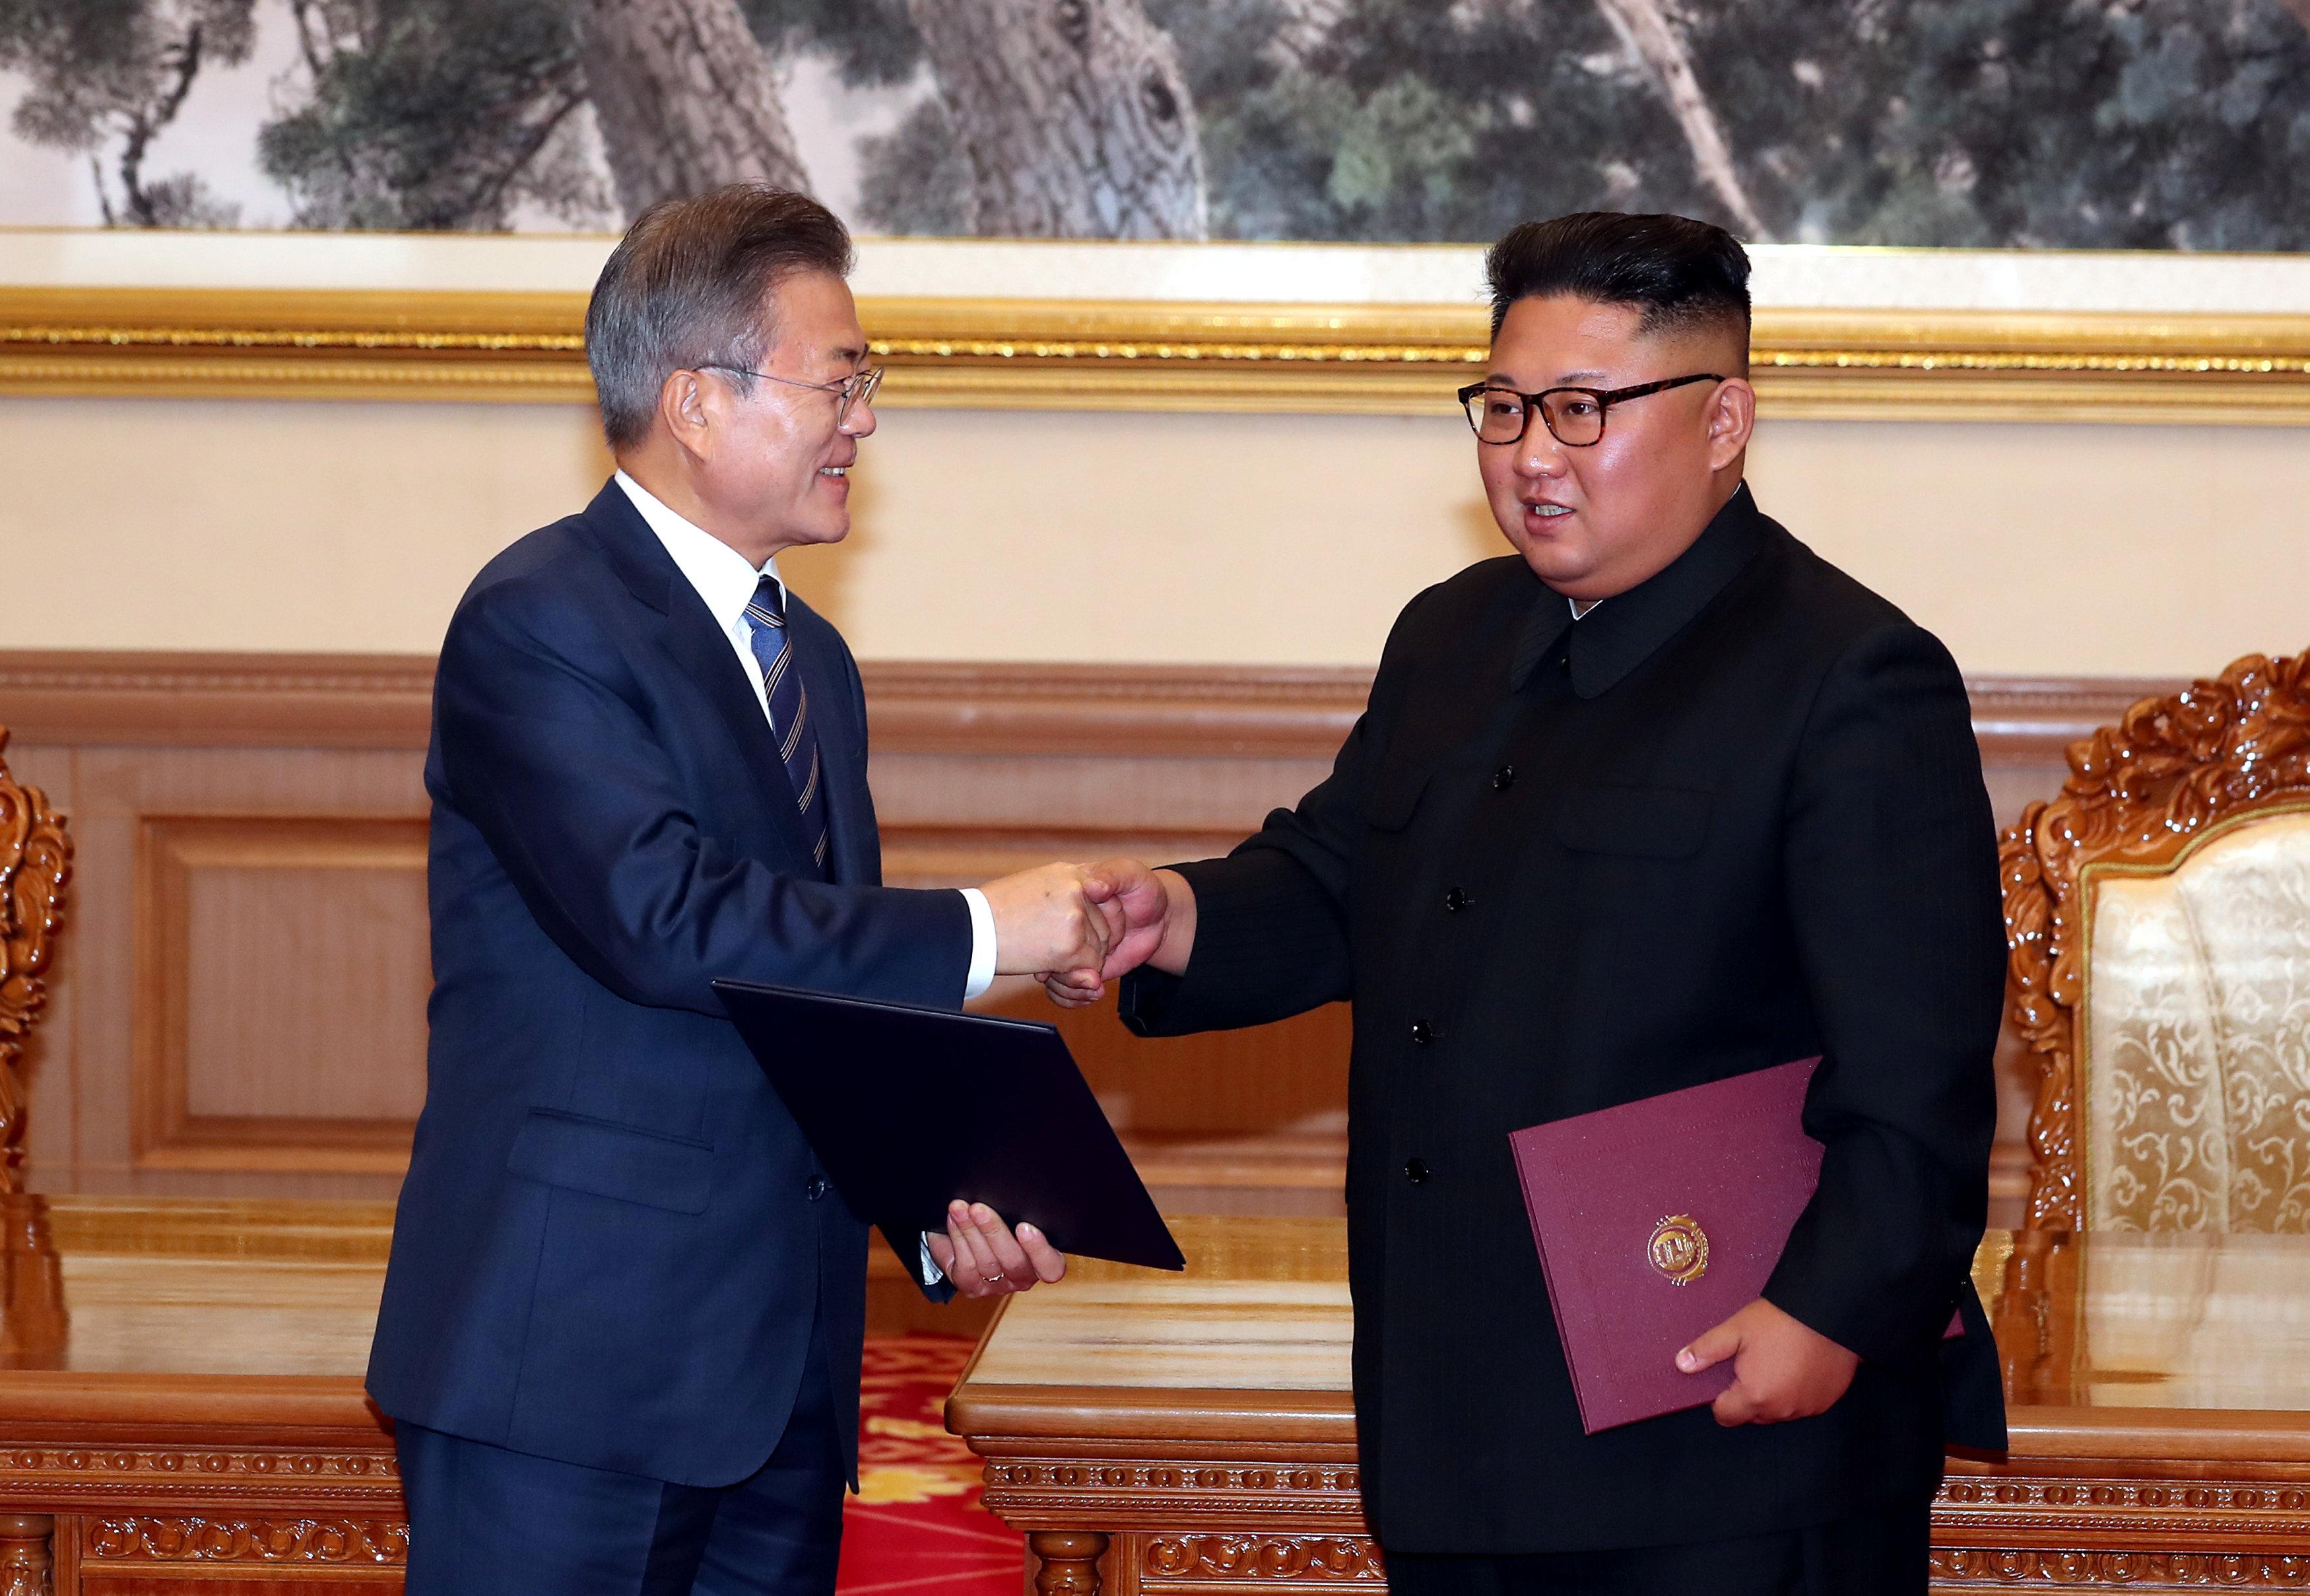 كيم يصافح مون بعد التوقيع على عدد من الاتفاقات